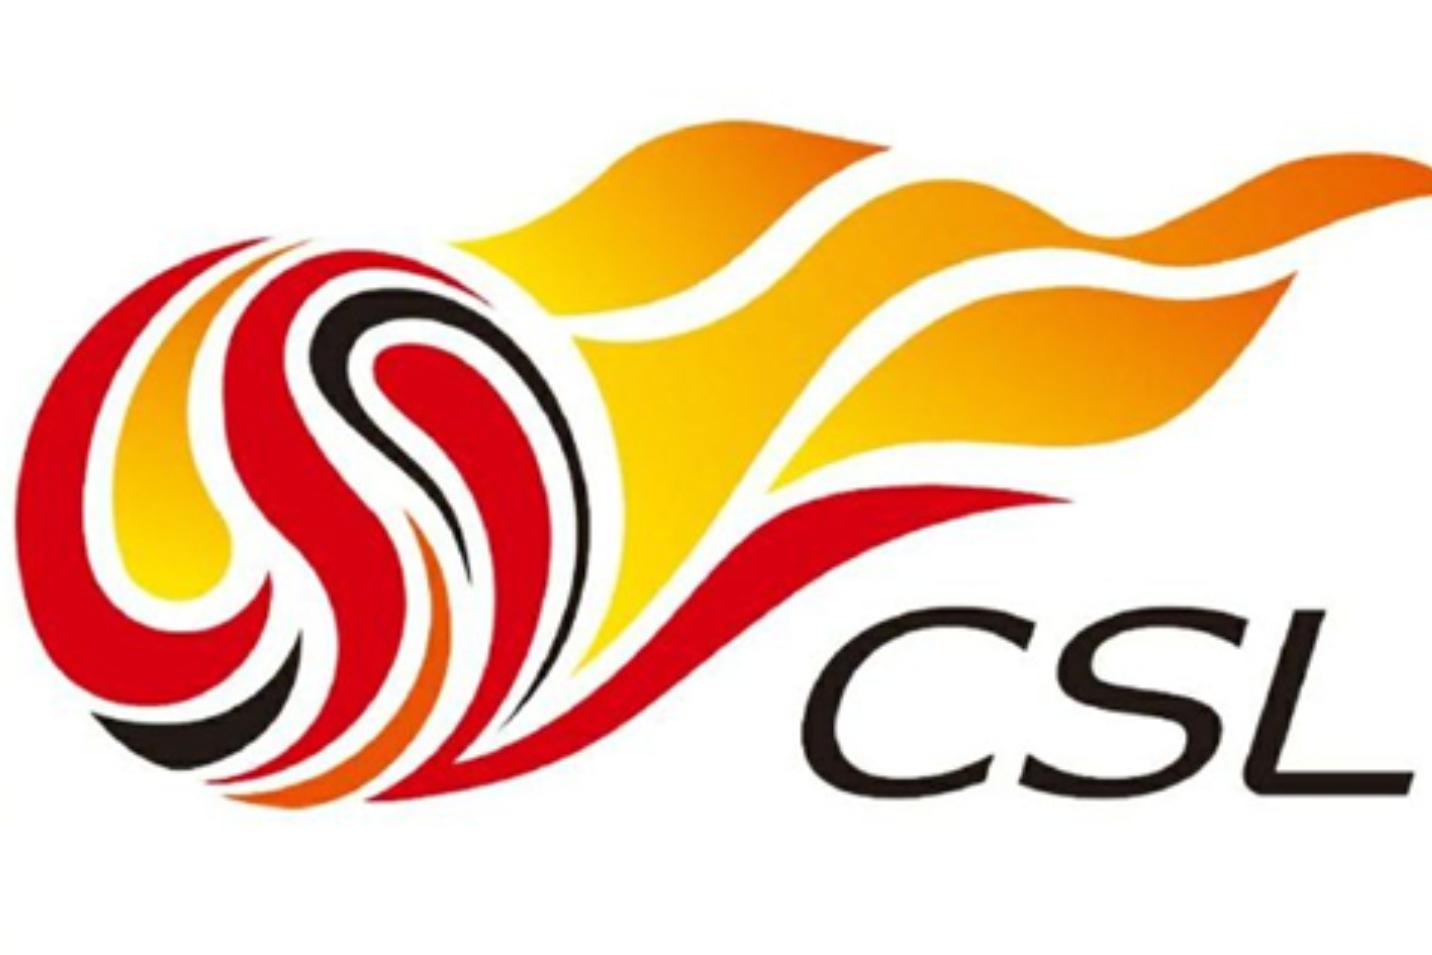 广州队、国安的中超第五轮比赛确定延期,其他场次未确定-今球app官网